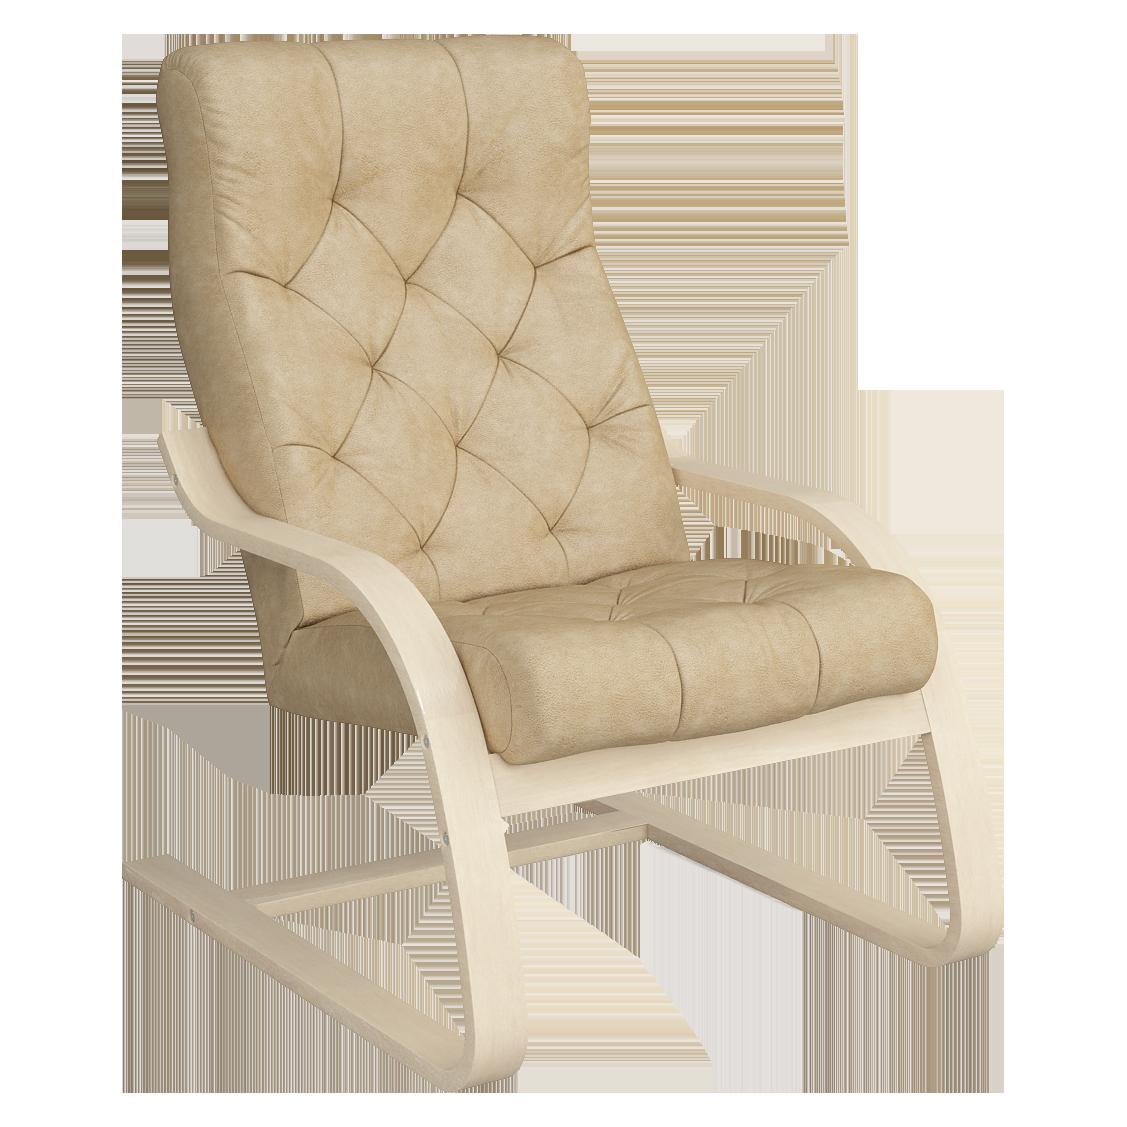 Кресло для отдыха Капри Люкс (Плутон 603 натурал)